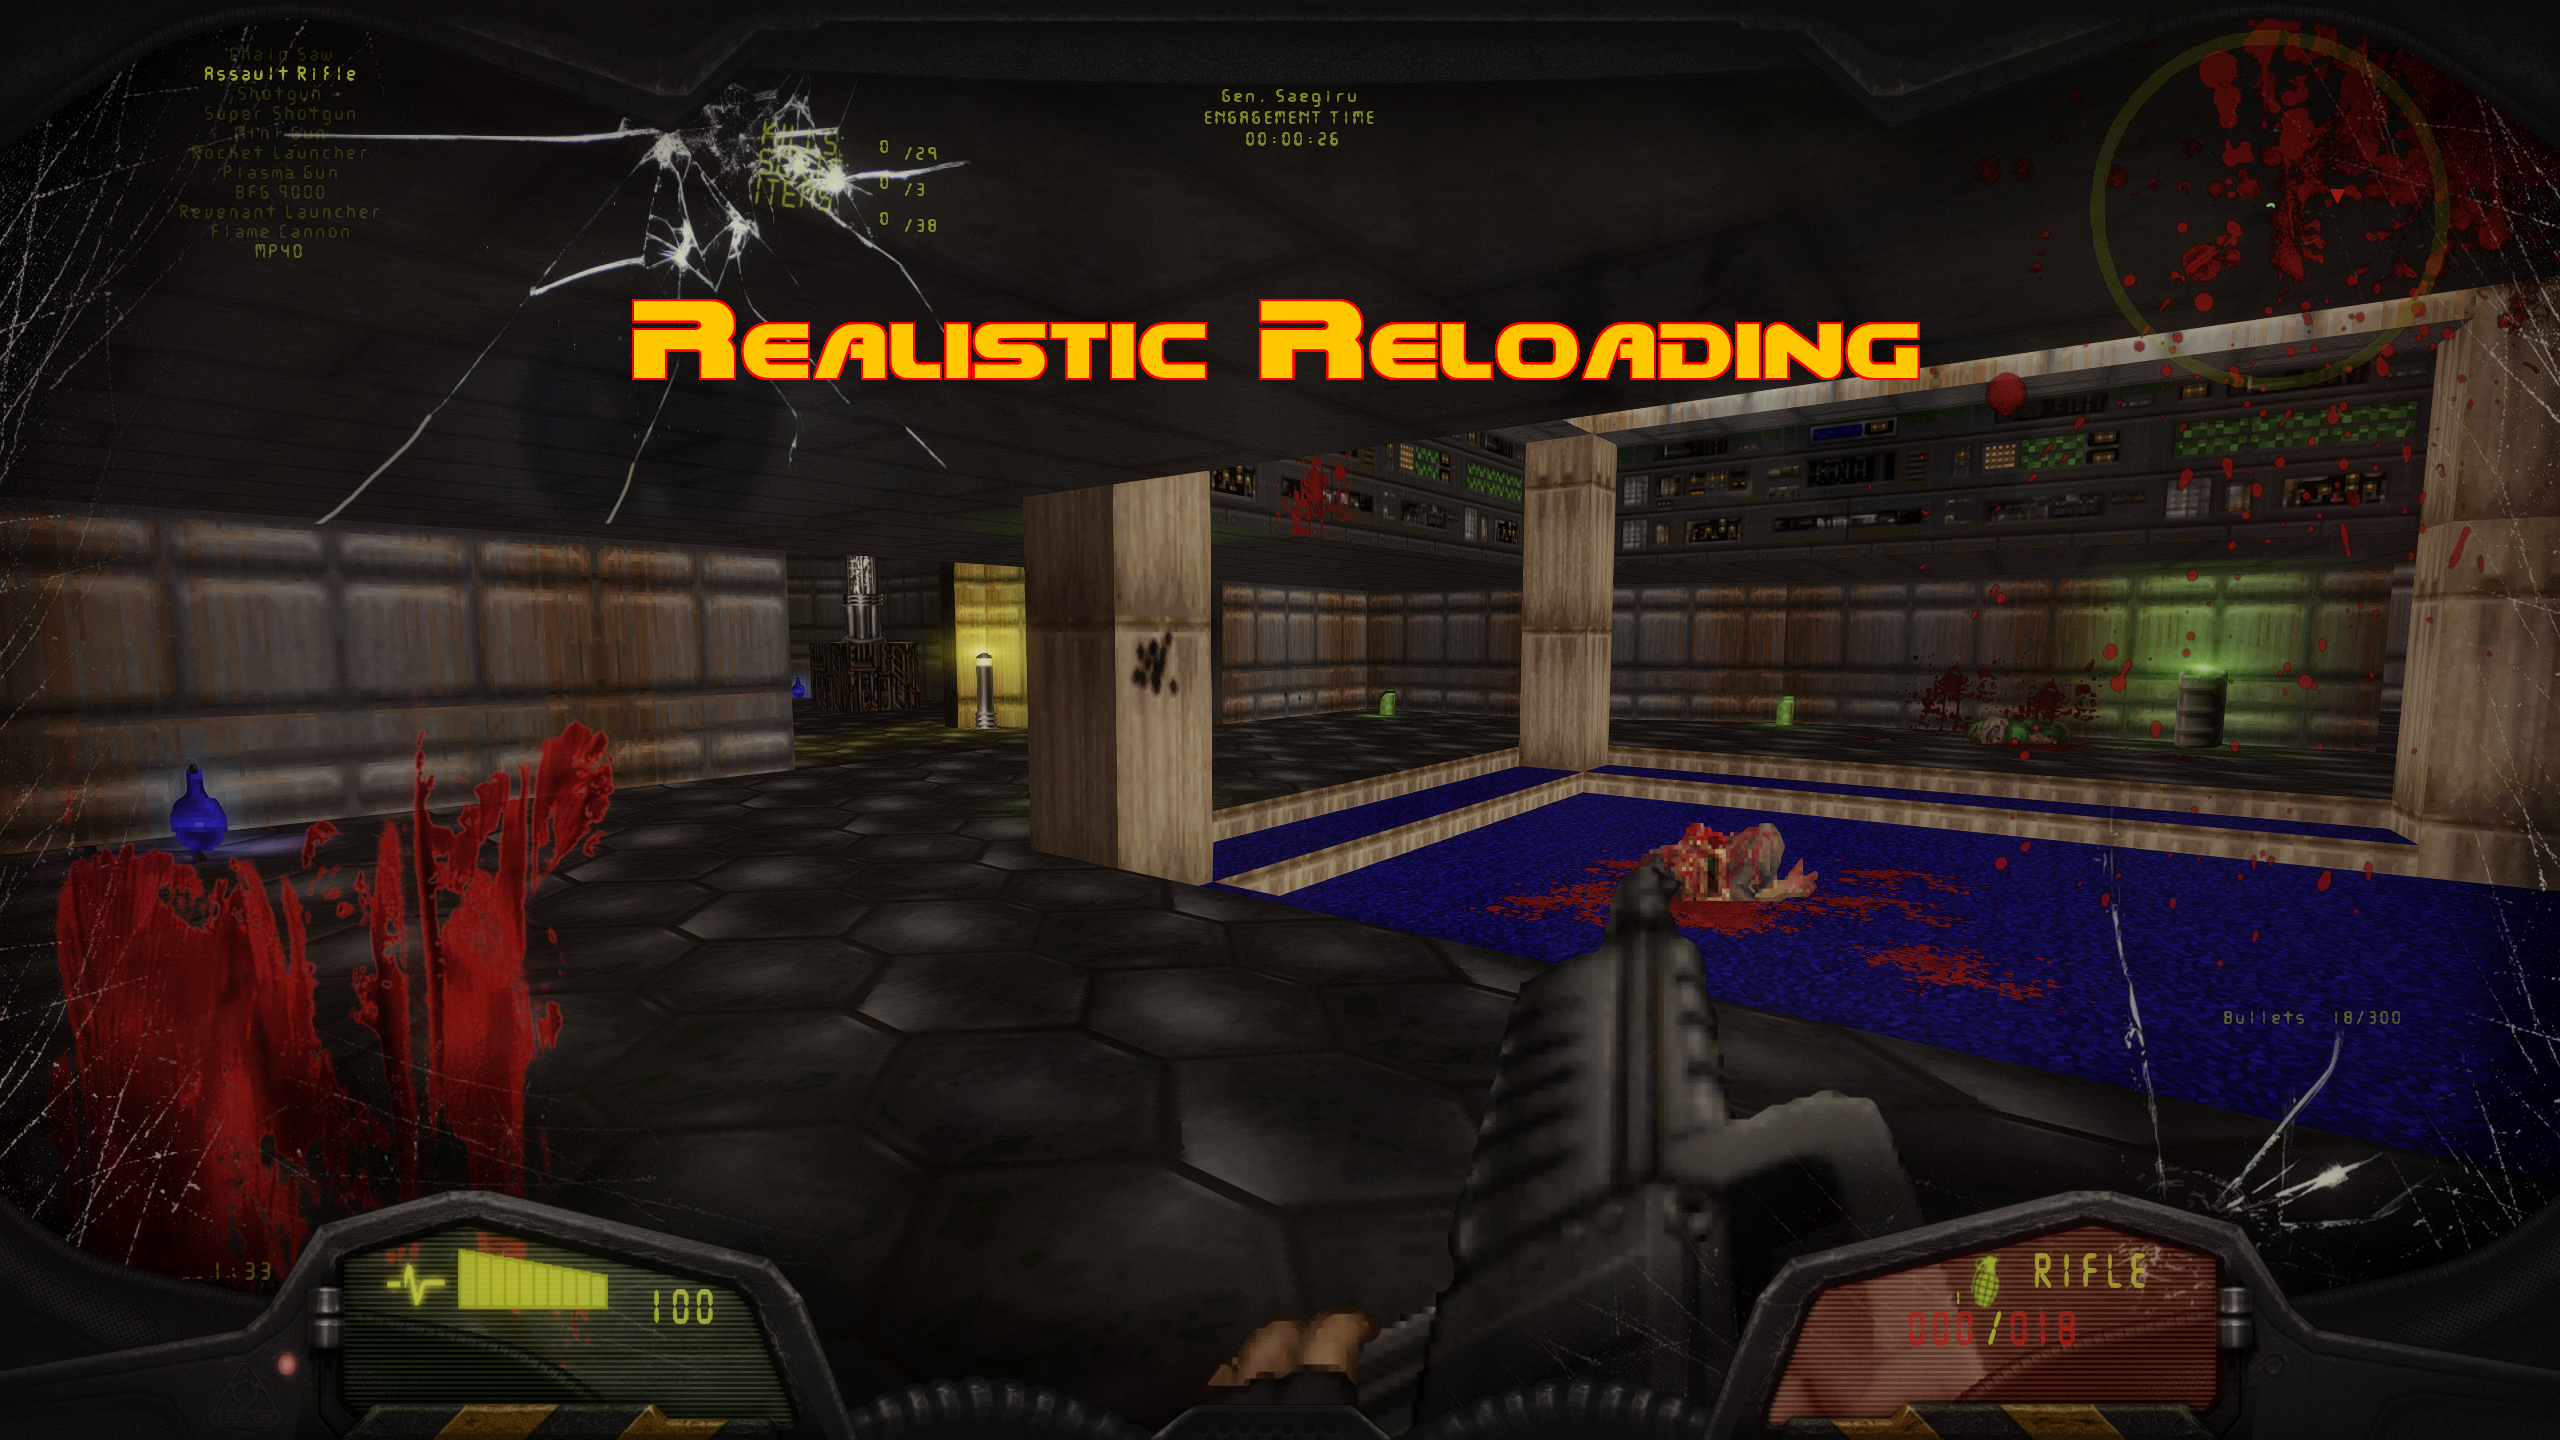 Realistic Reloading addon - Brutal Doom mod for Doom - Mod DB